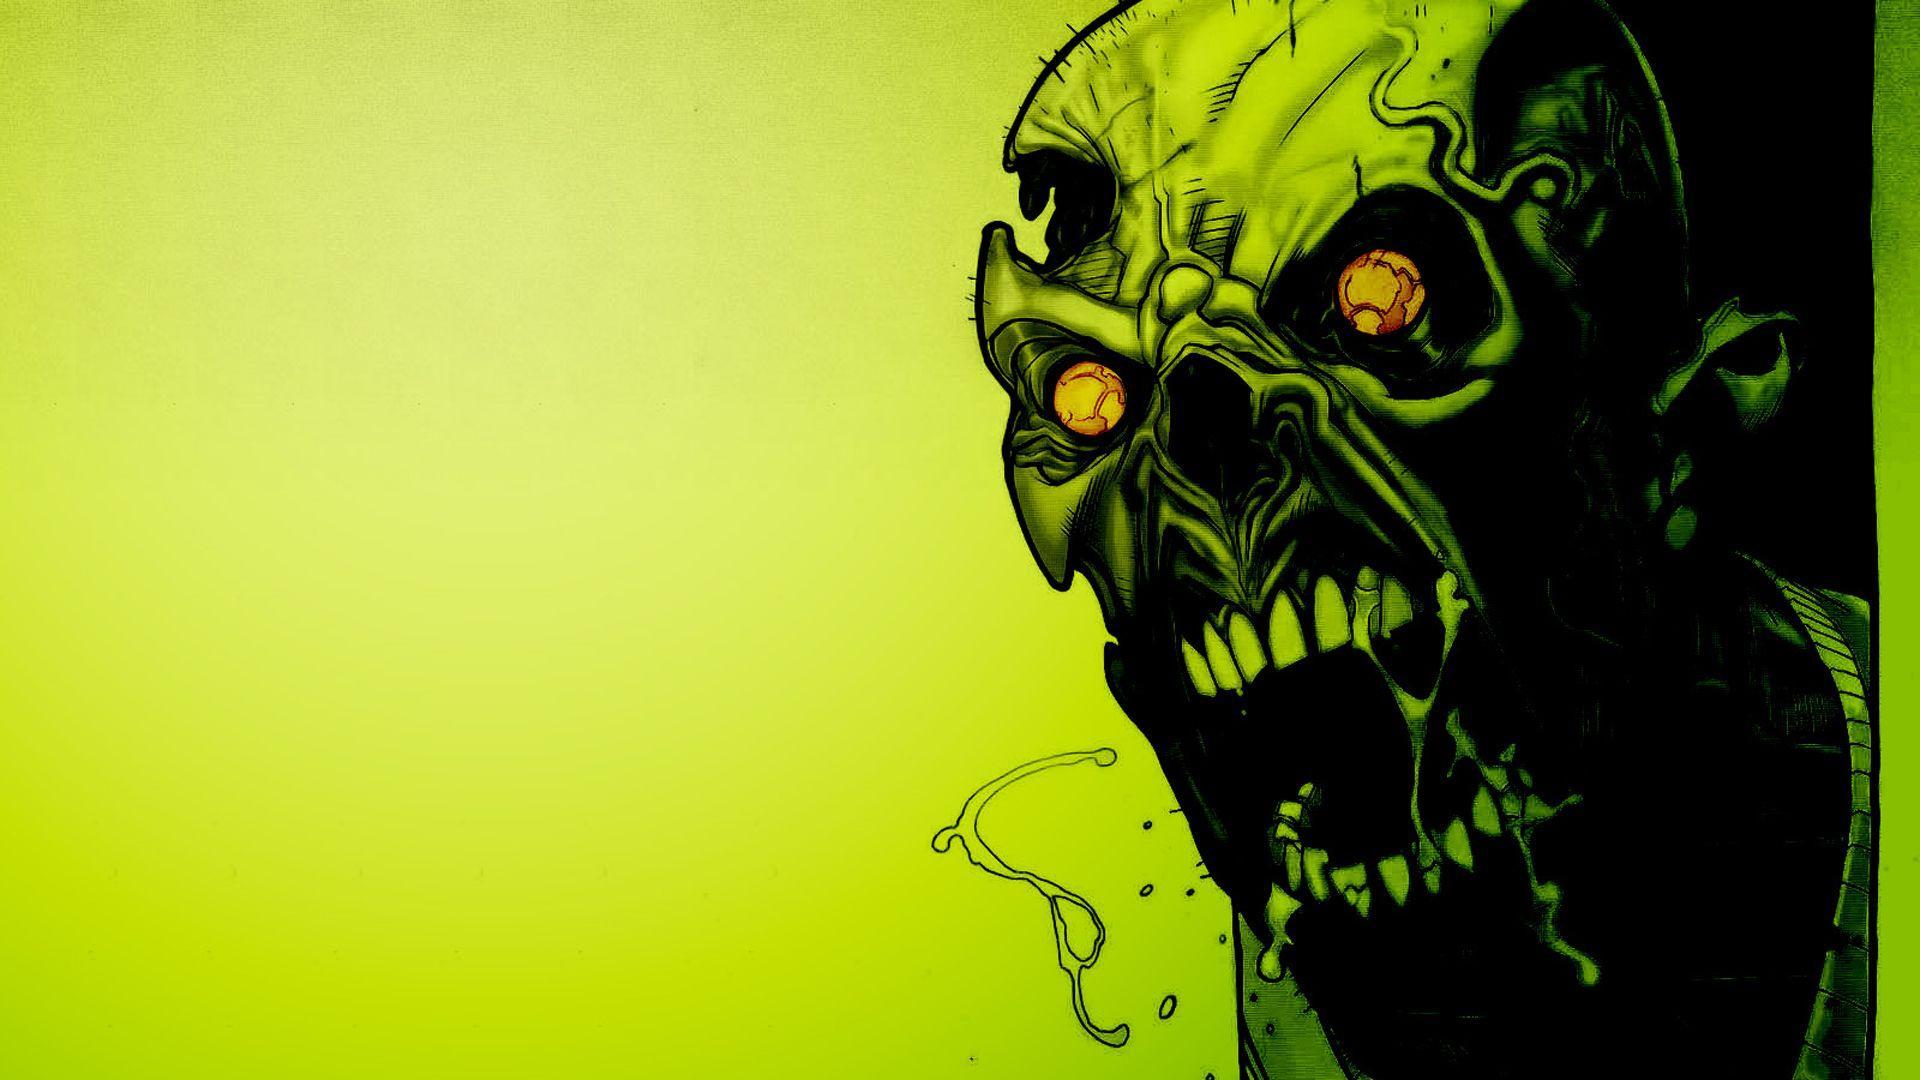 Fantasy Art Zombie Invasion City